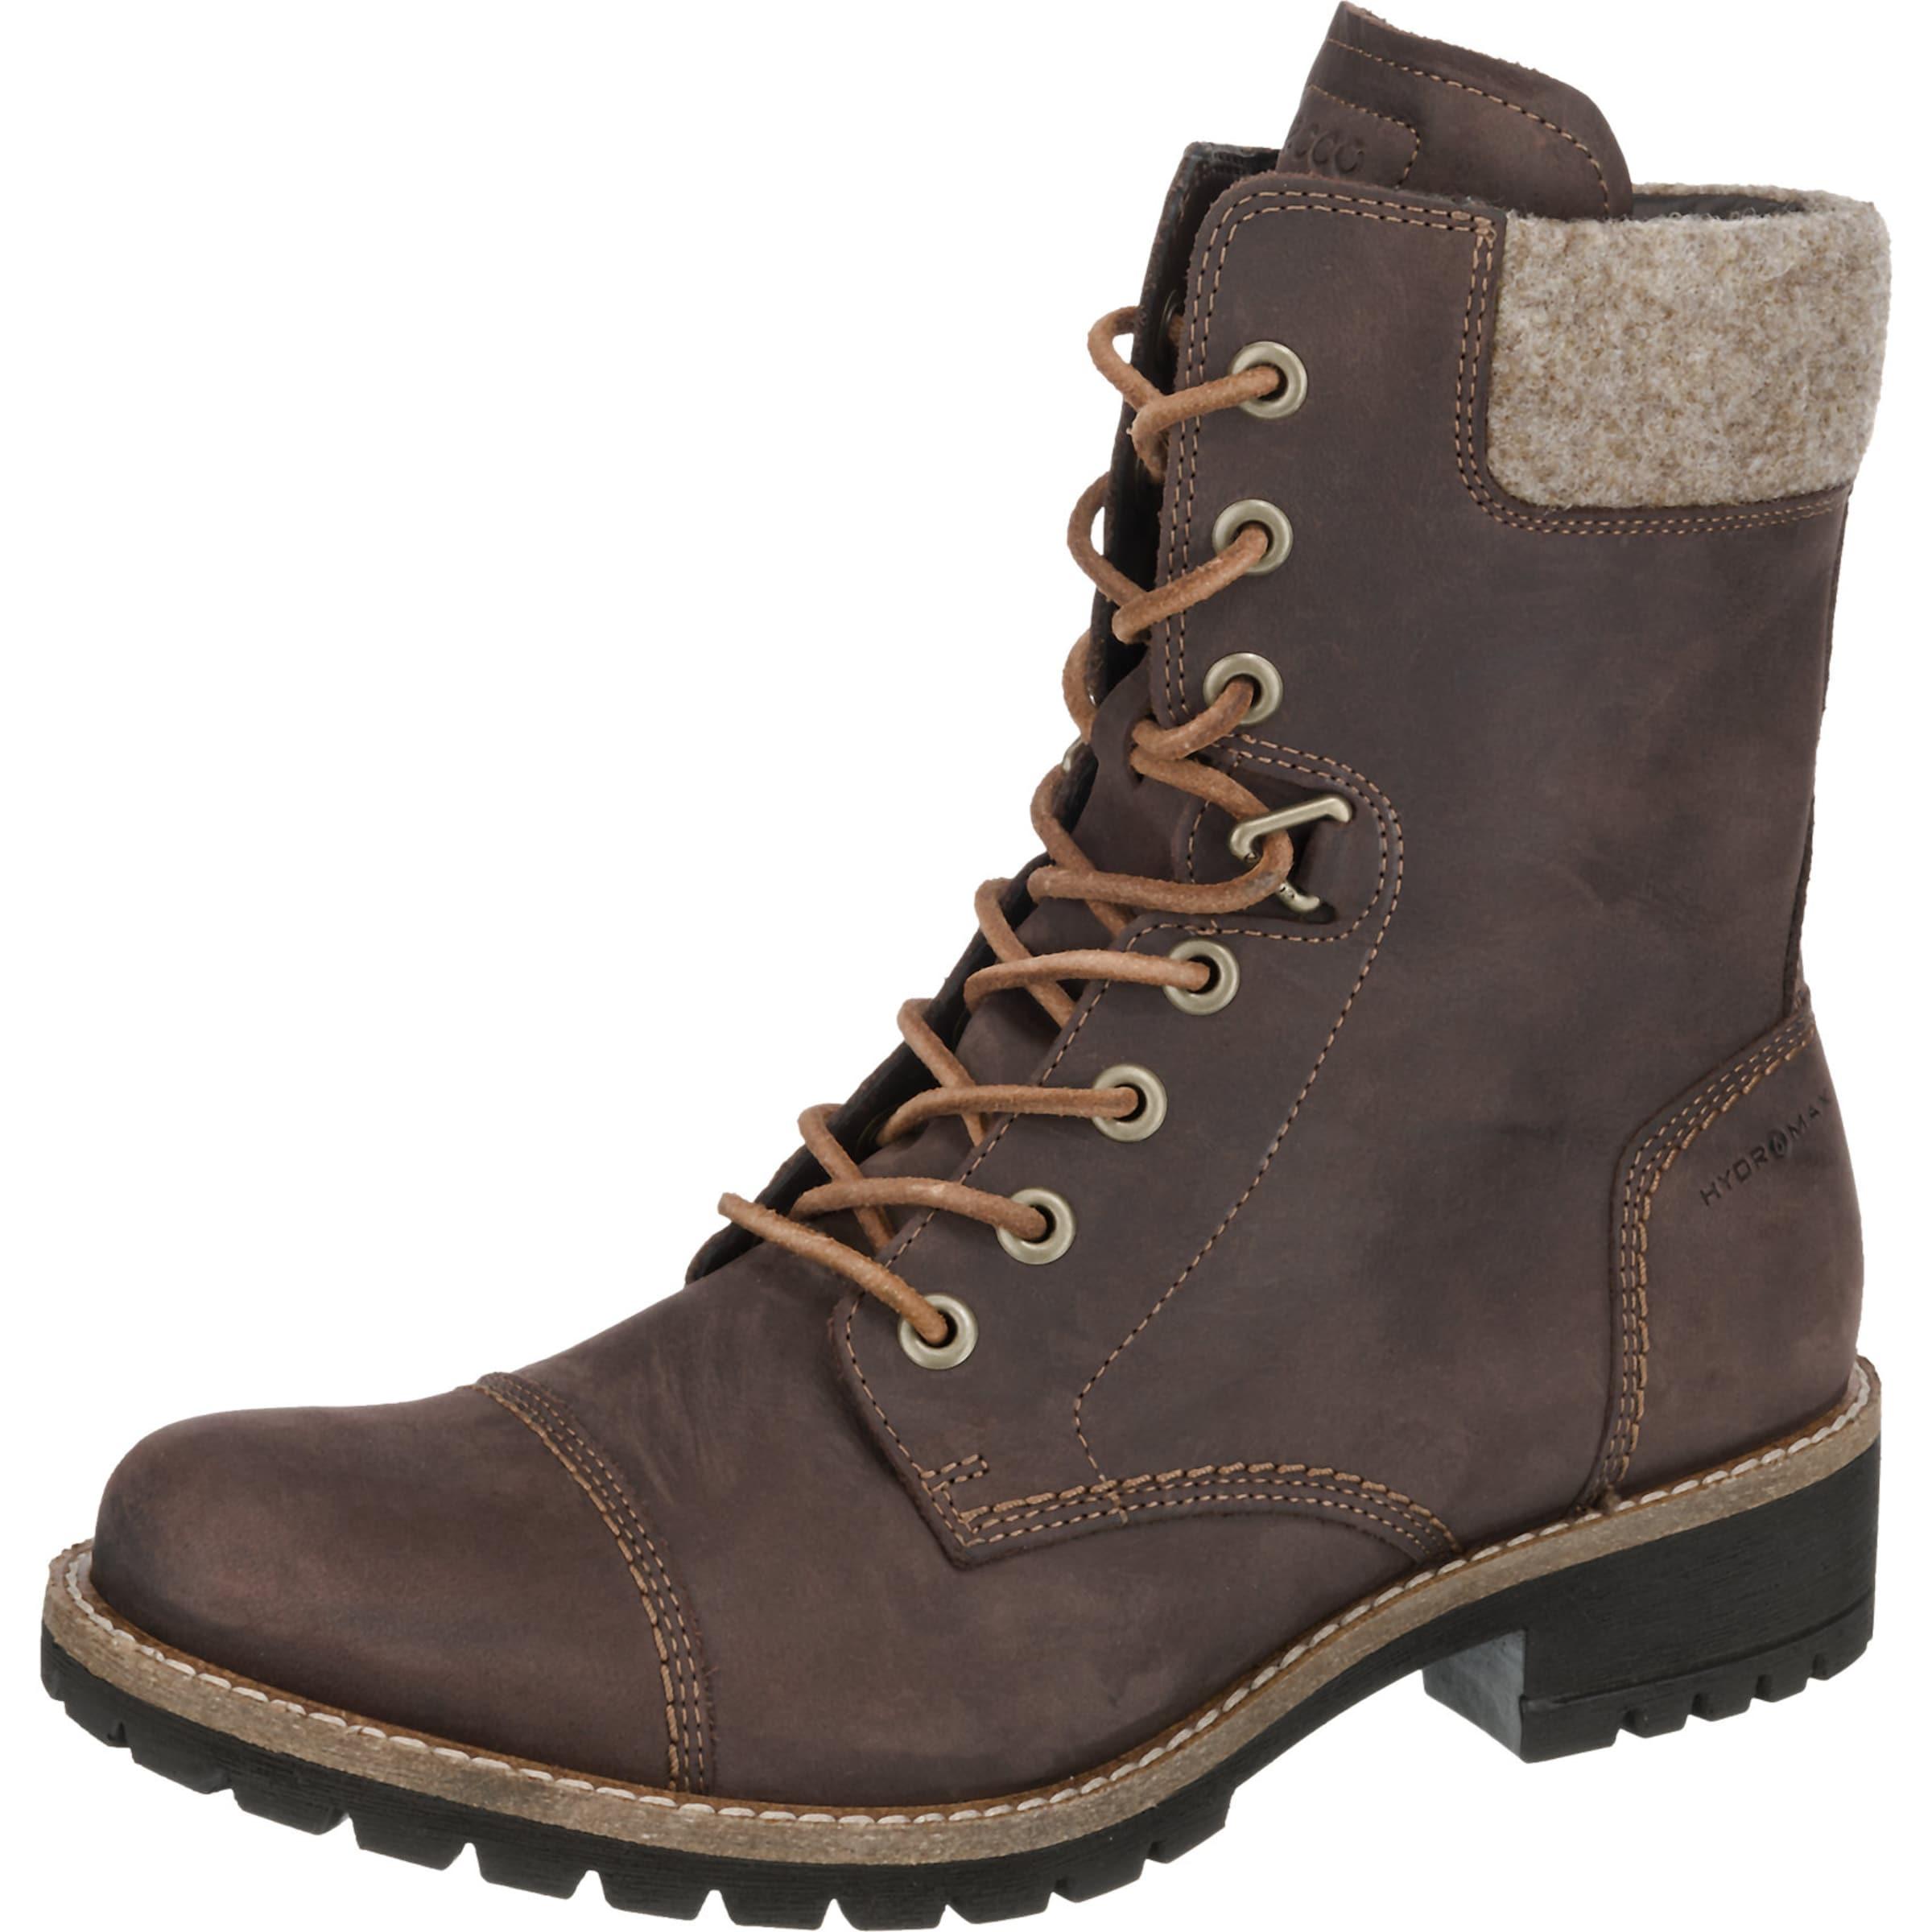 ECCO Elaine Stiefel Verschleißfeste billige Schuhe